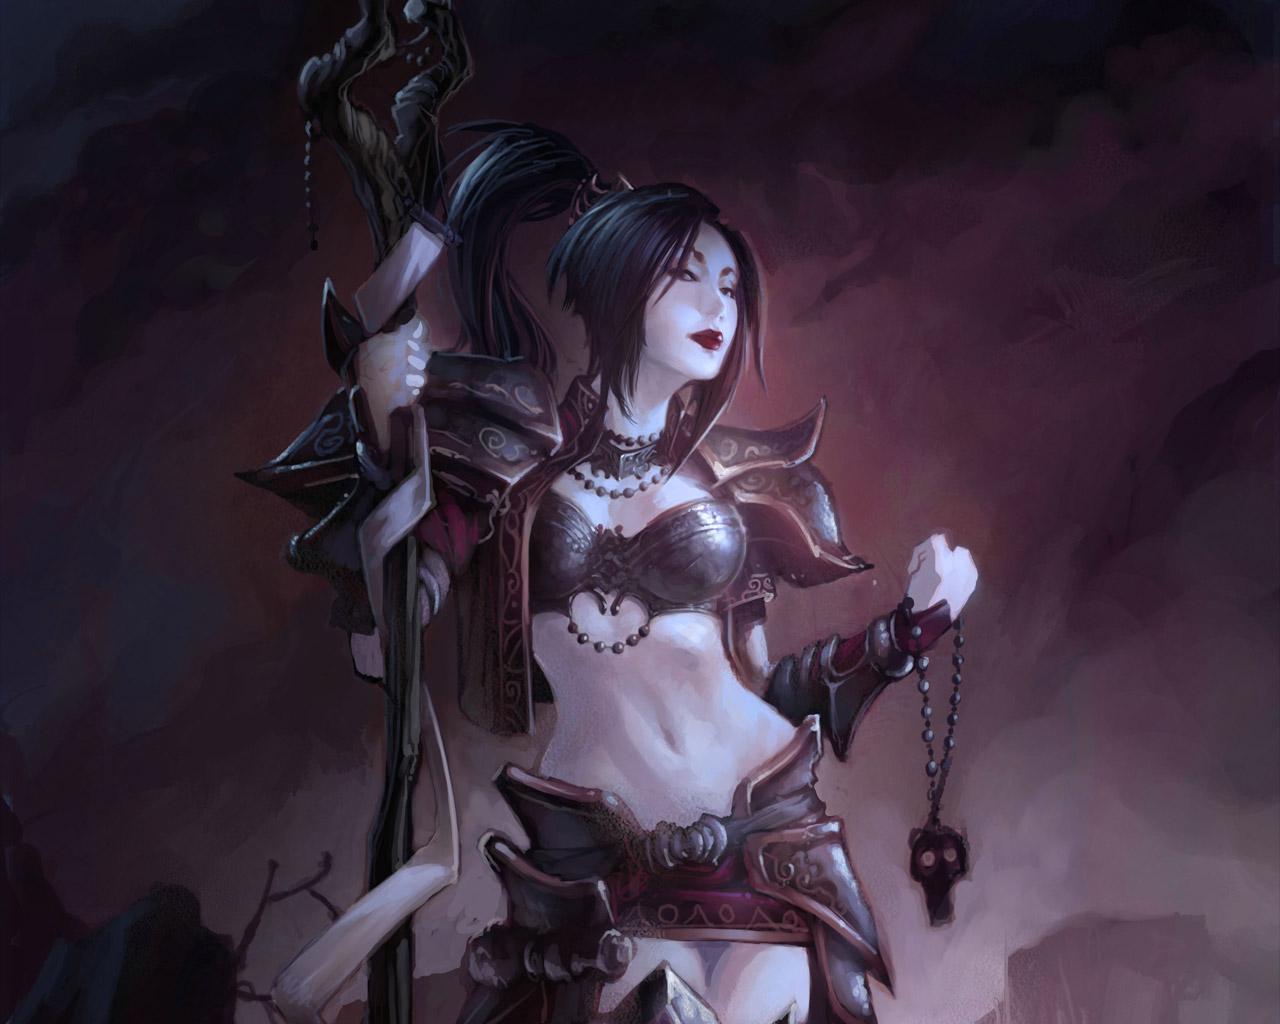 Free Diablo III Wallpaper in 1280x1024